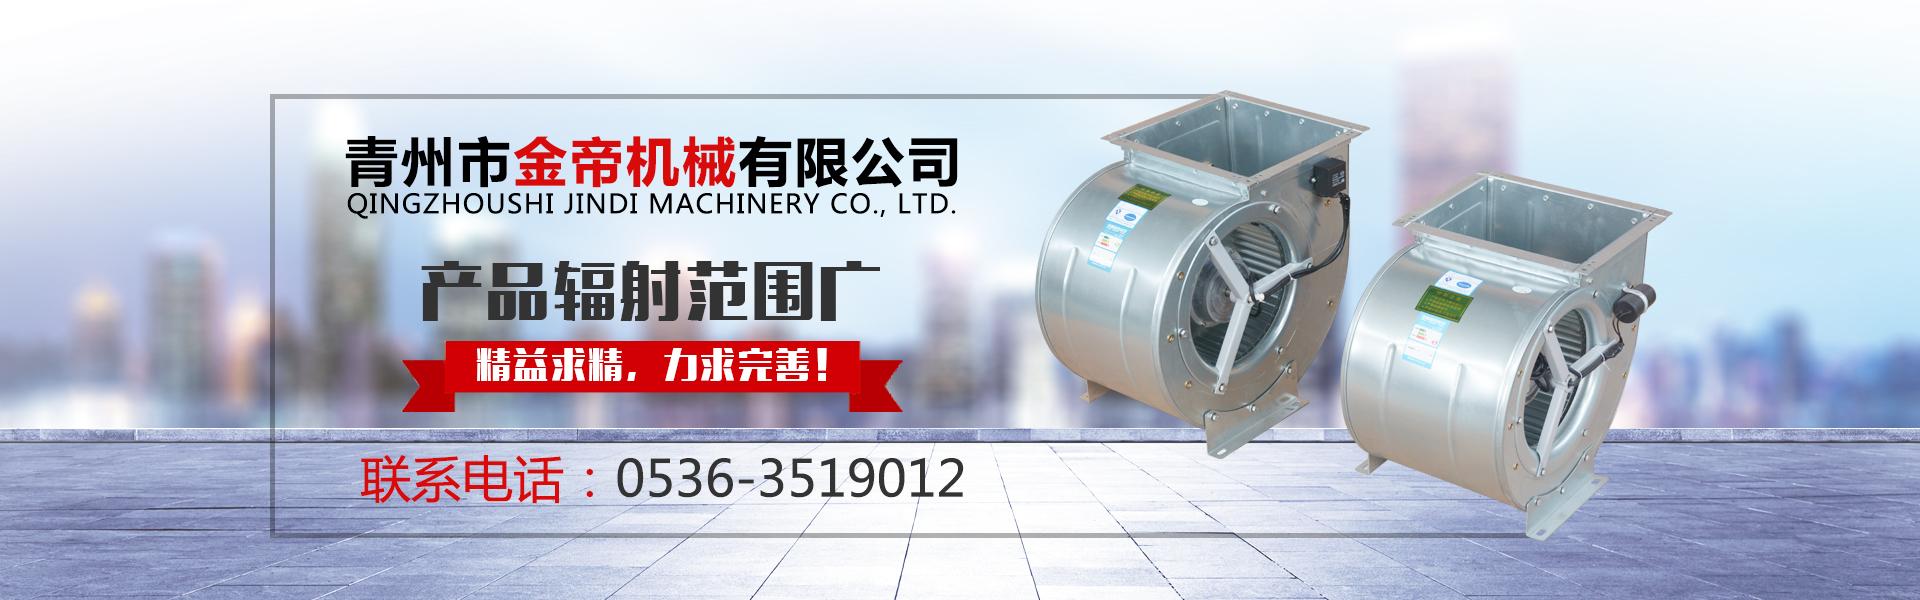 青州市抓饭直播nba直播机械有限公司